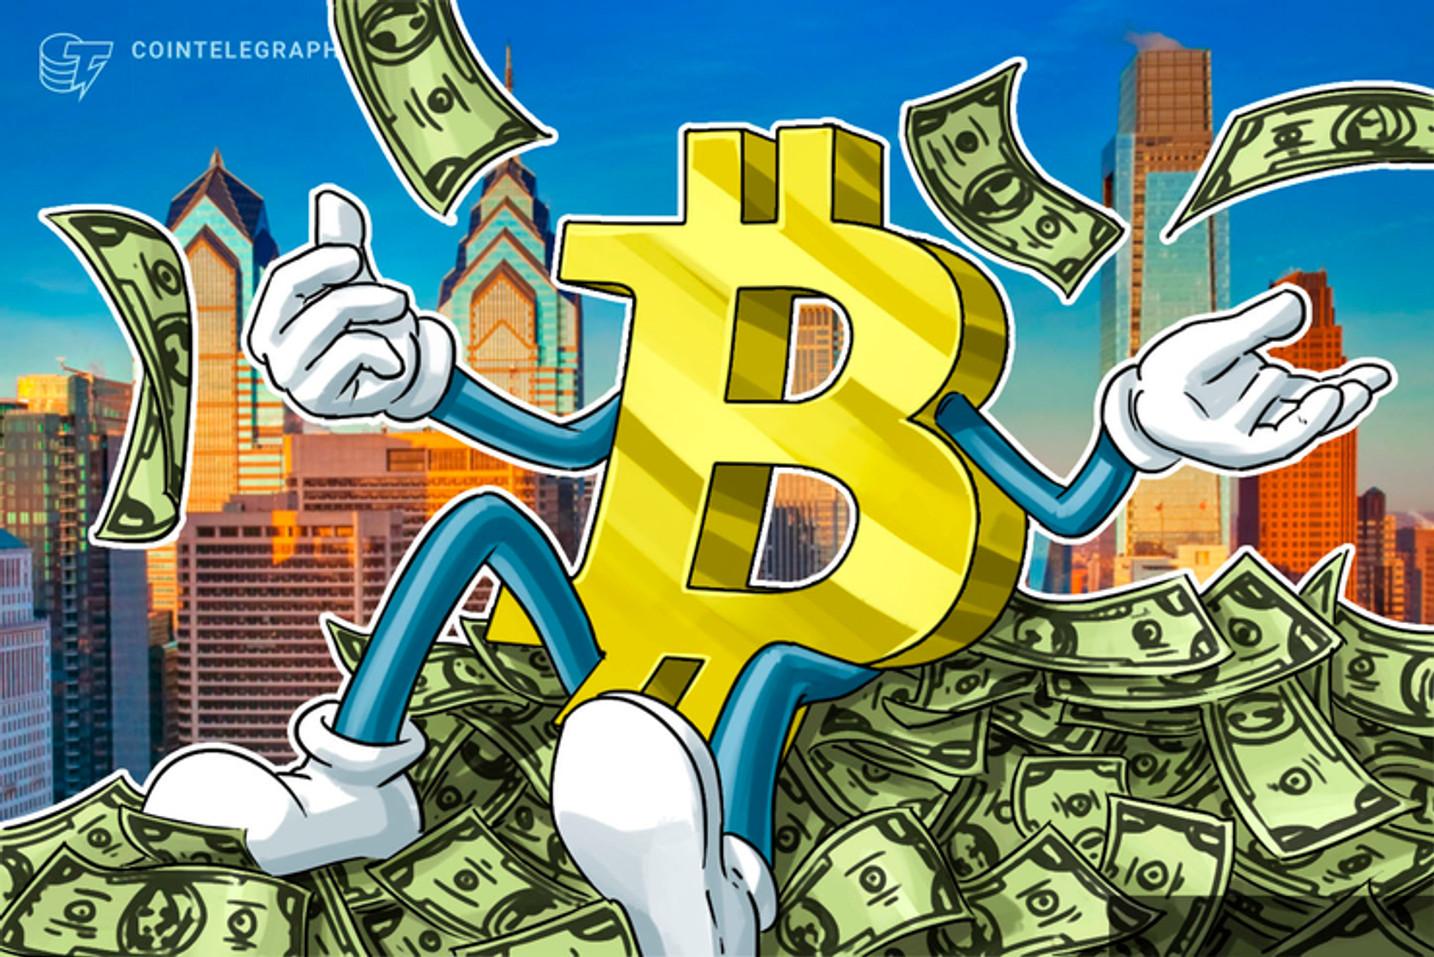 """""""Los nuevos locos años 20"""": El precio de Bitcoin podría bajar. ¿Por qué?"""